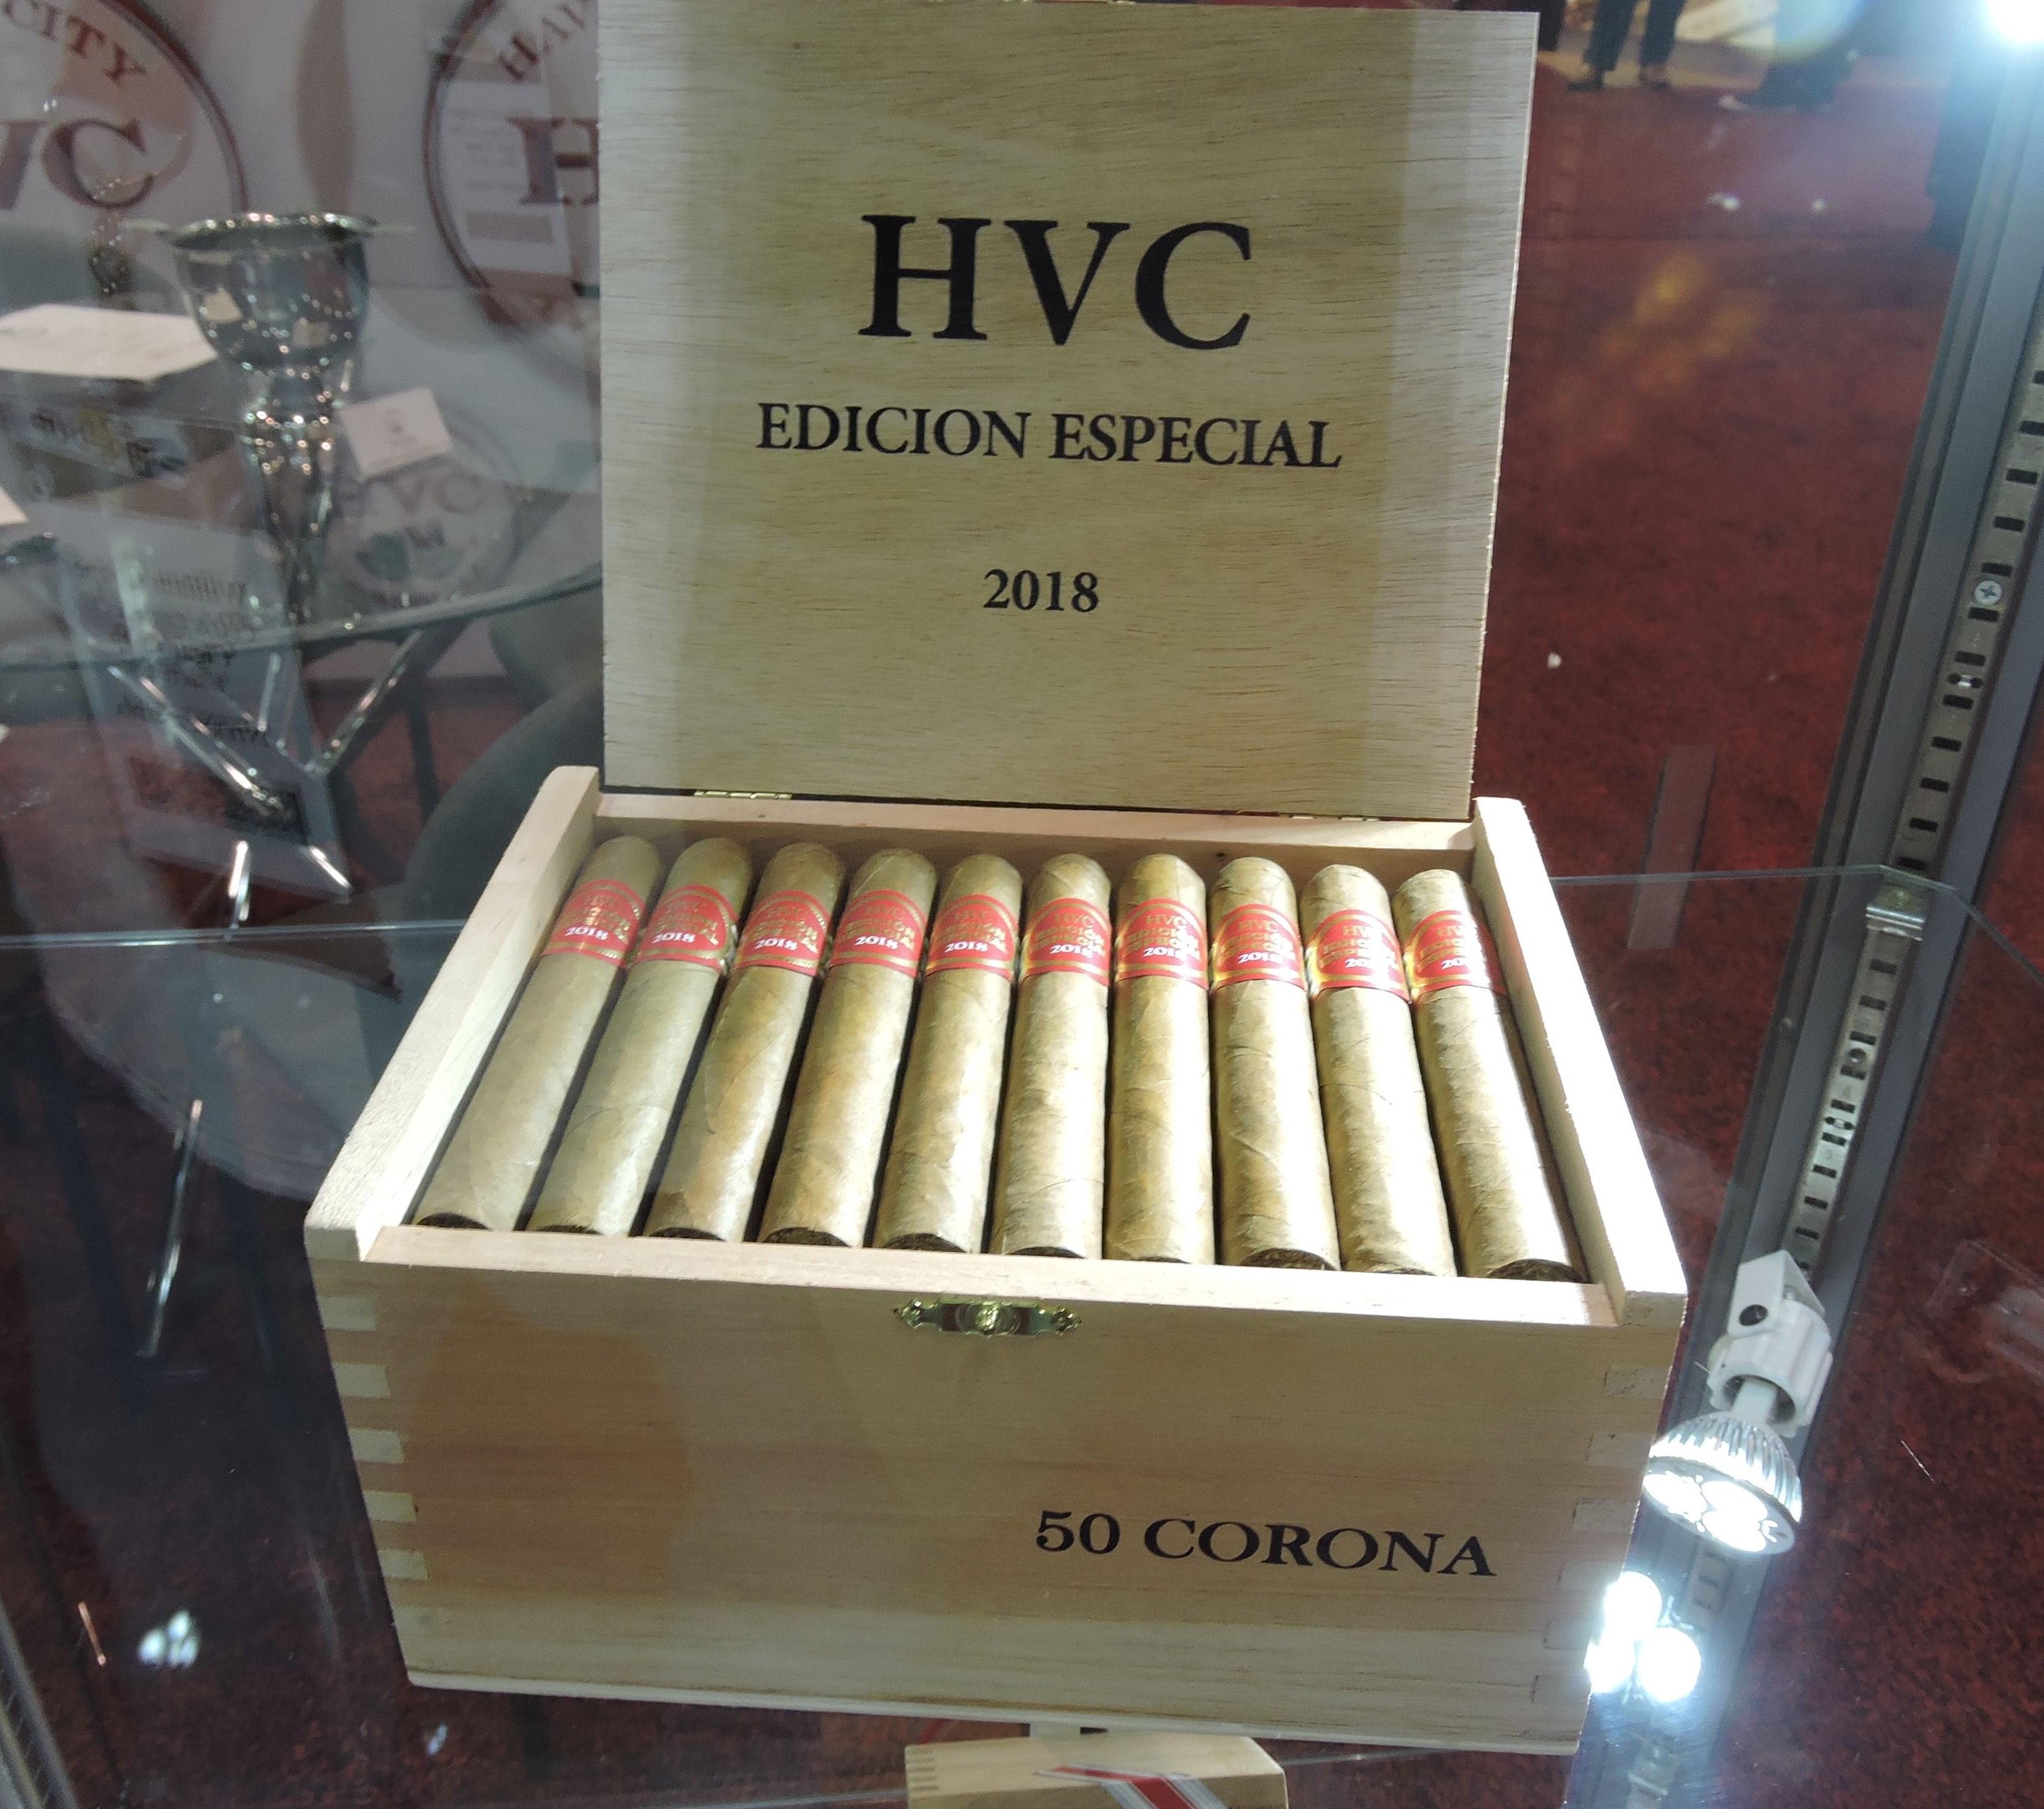 Cigar News: HVC Edición Especial 2018 Launched at 2018 IPCPR